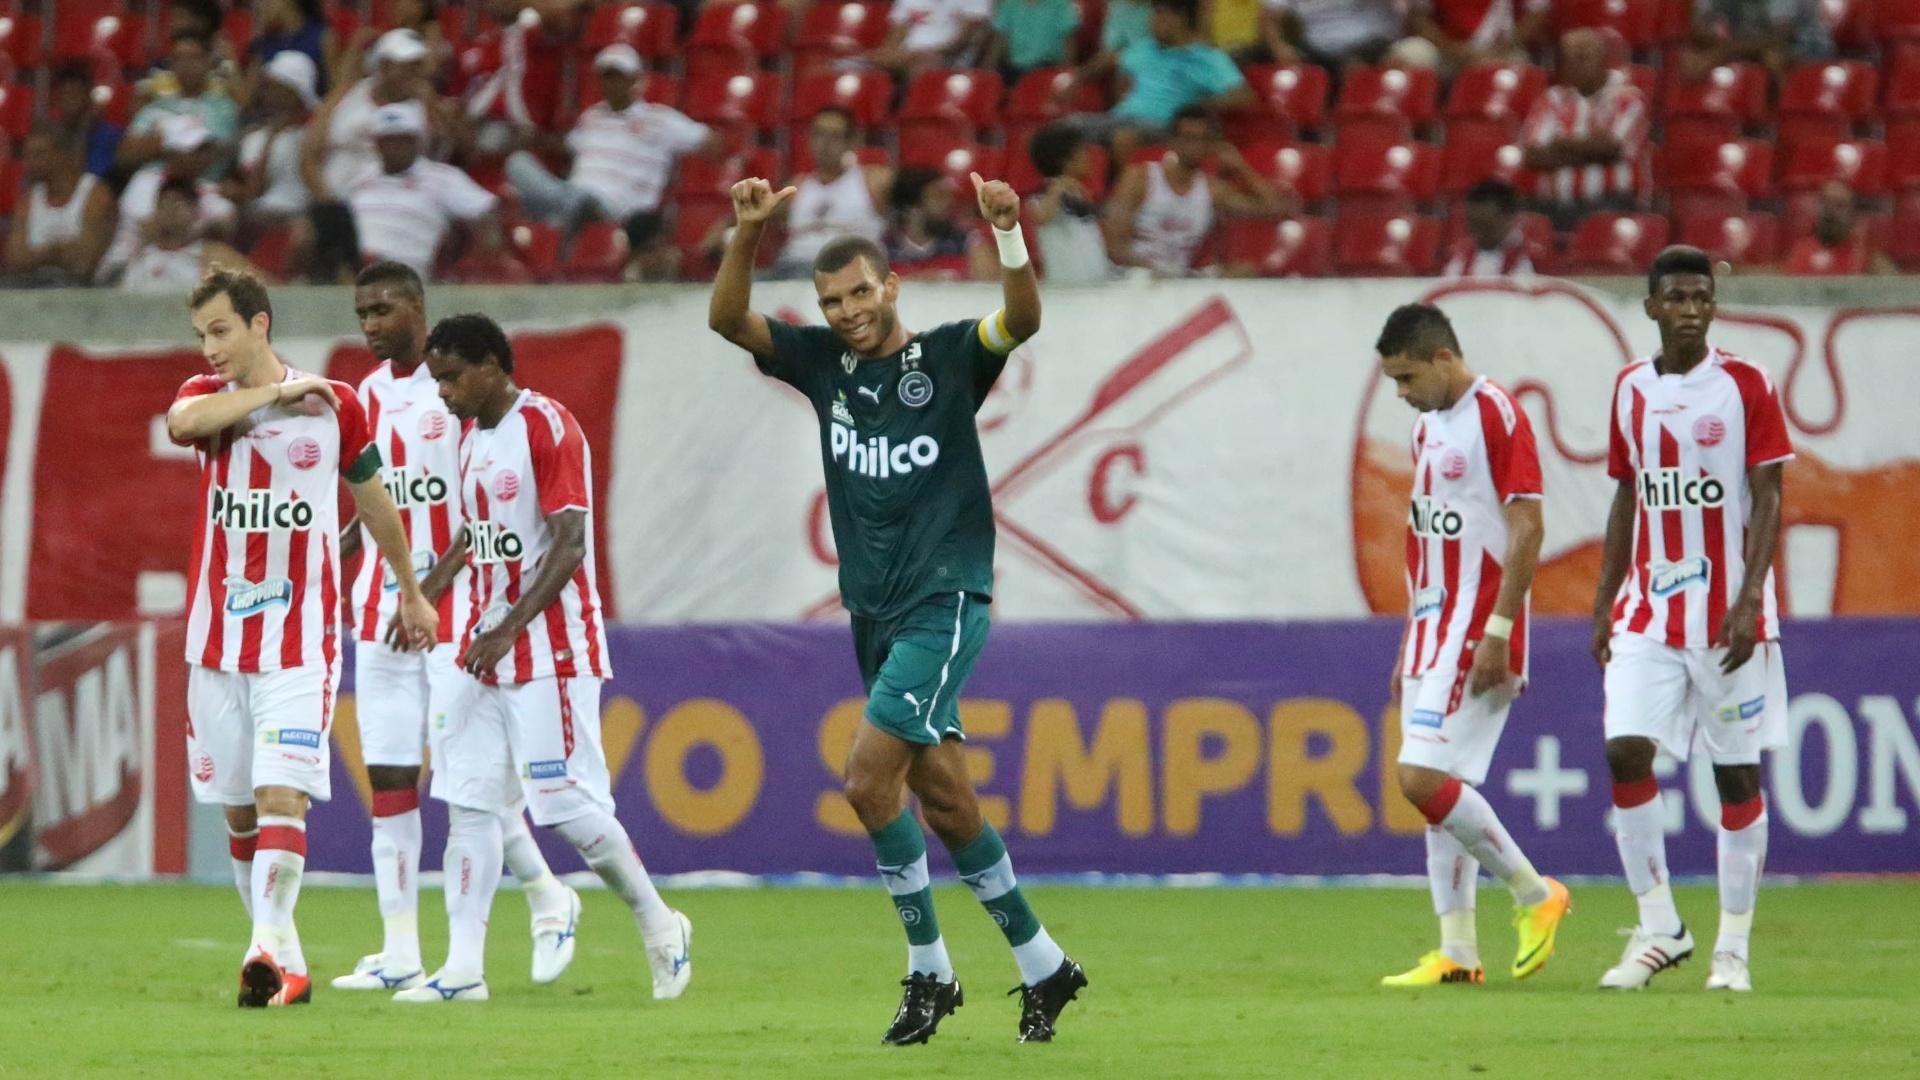 Amaral comemora após marcar o segundo gol do Goiás contra o Náutico (27.out.2013)